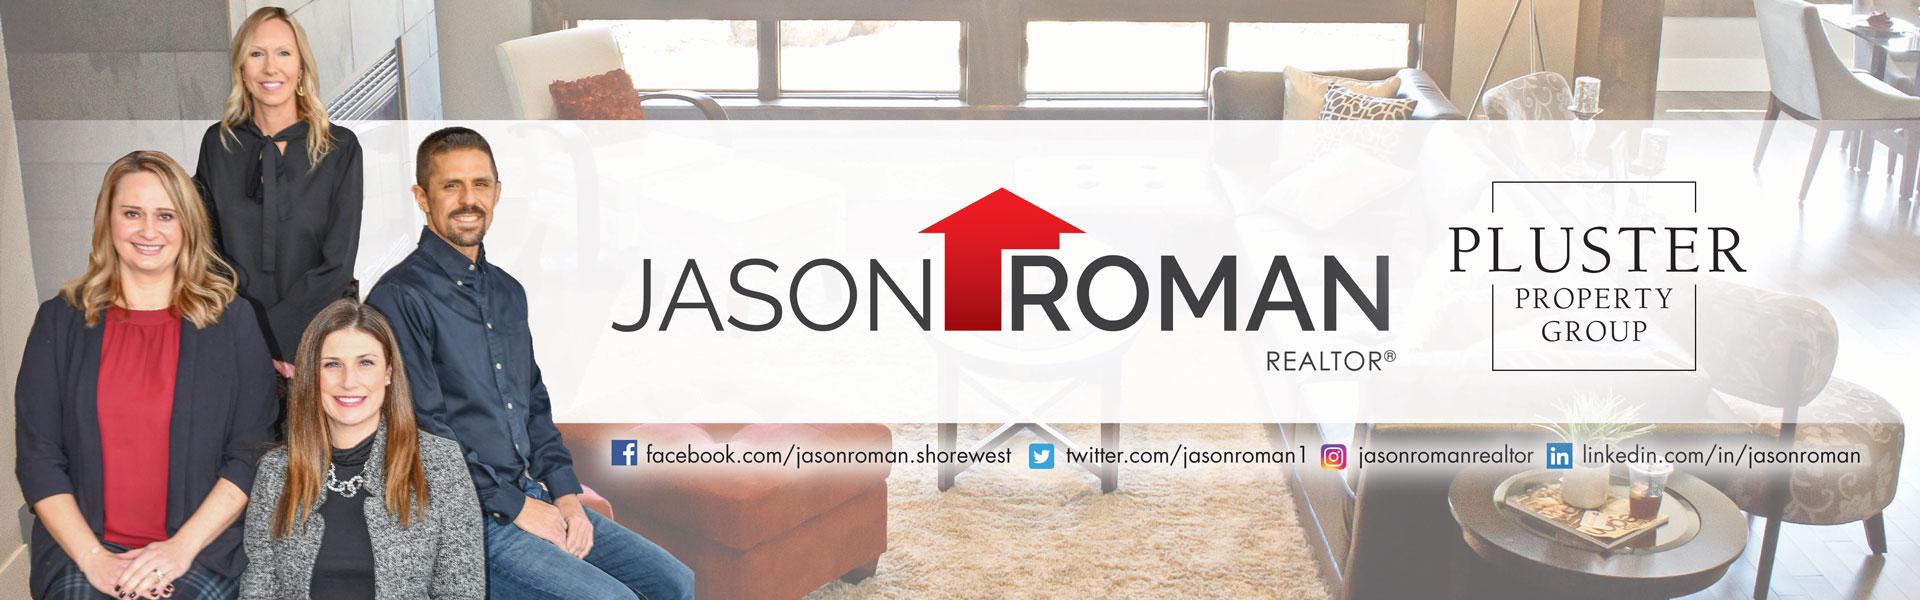 Jason Roman